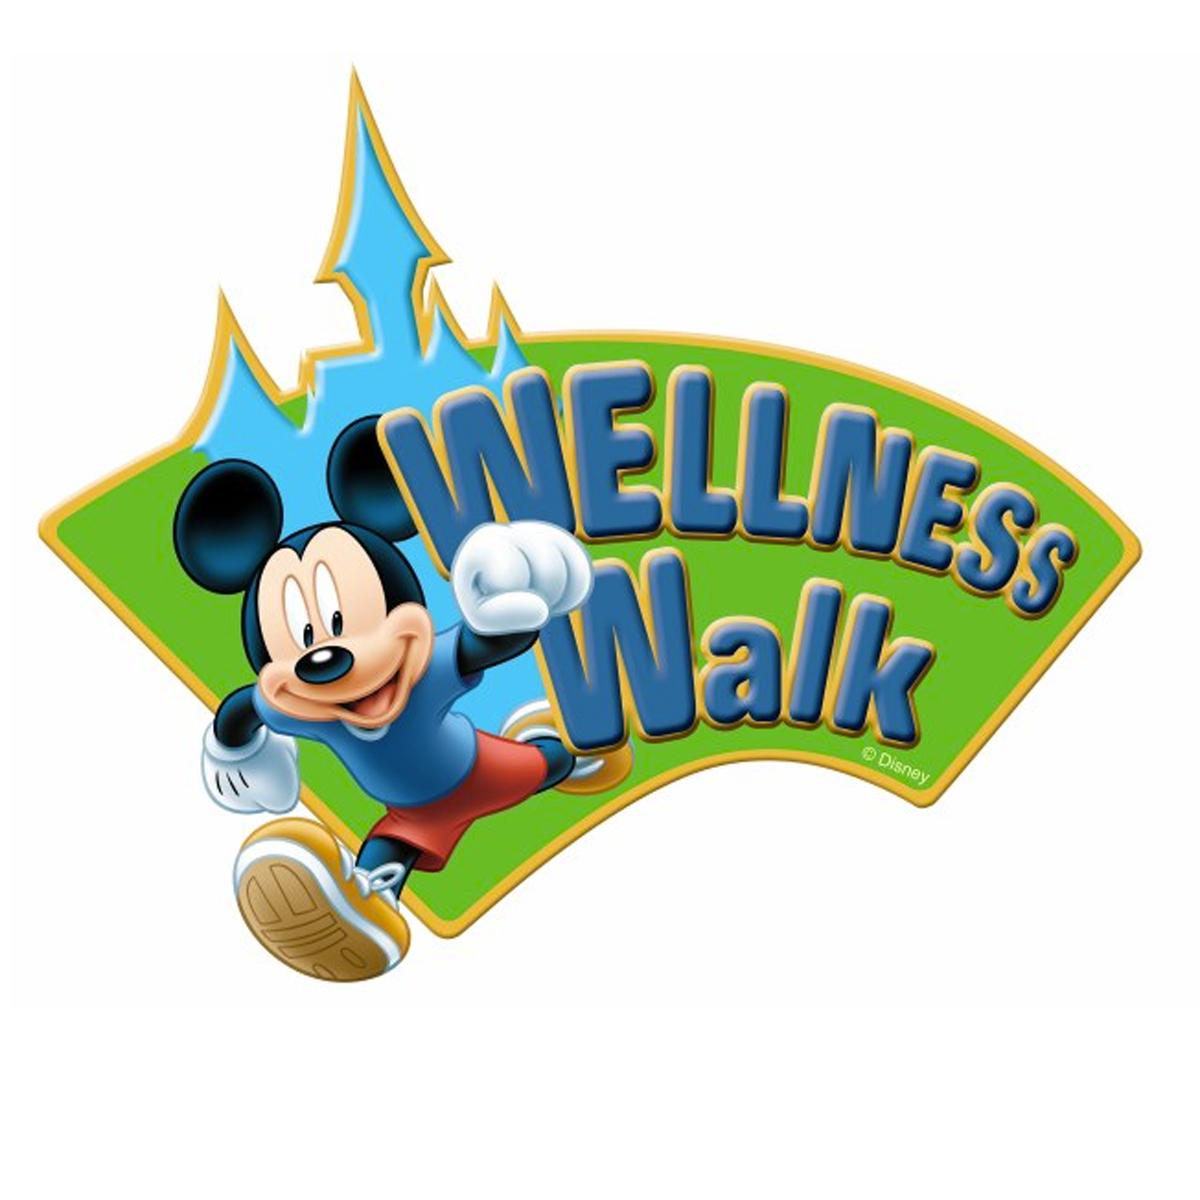 Wellness-Walk-Logo.jpg